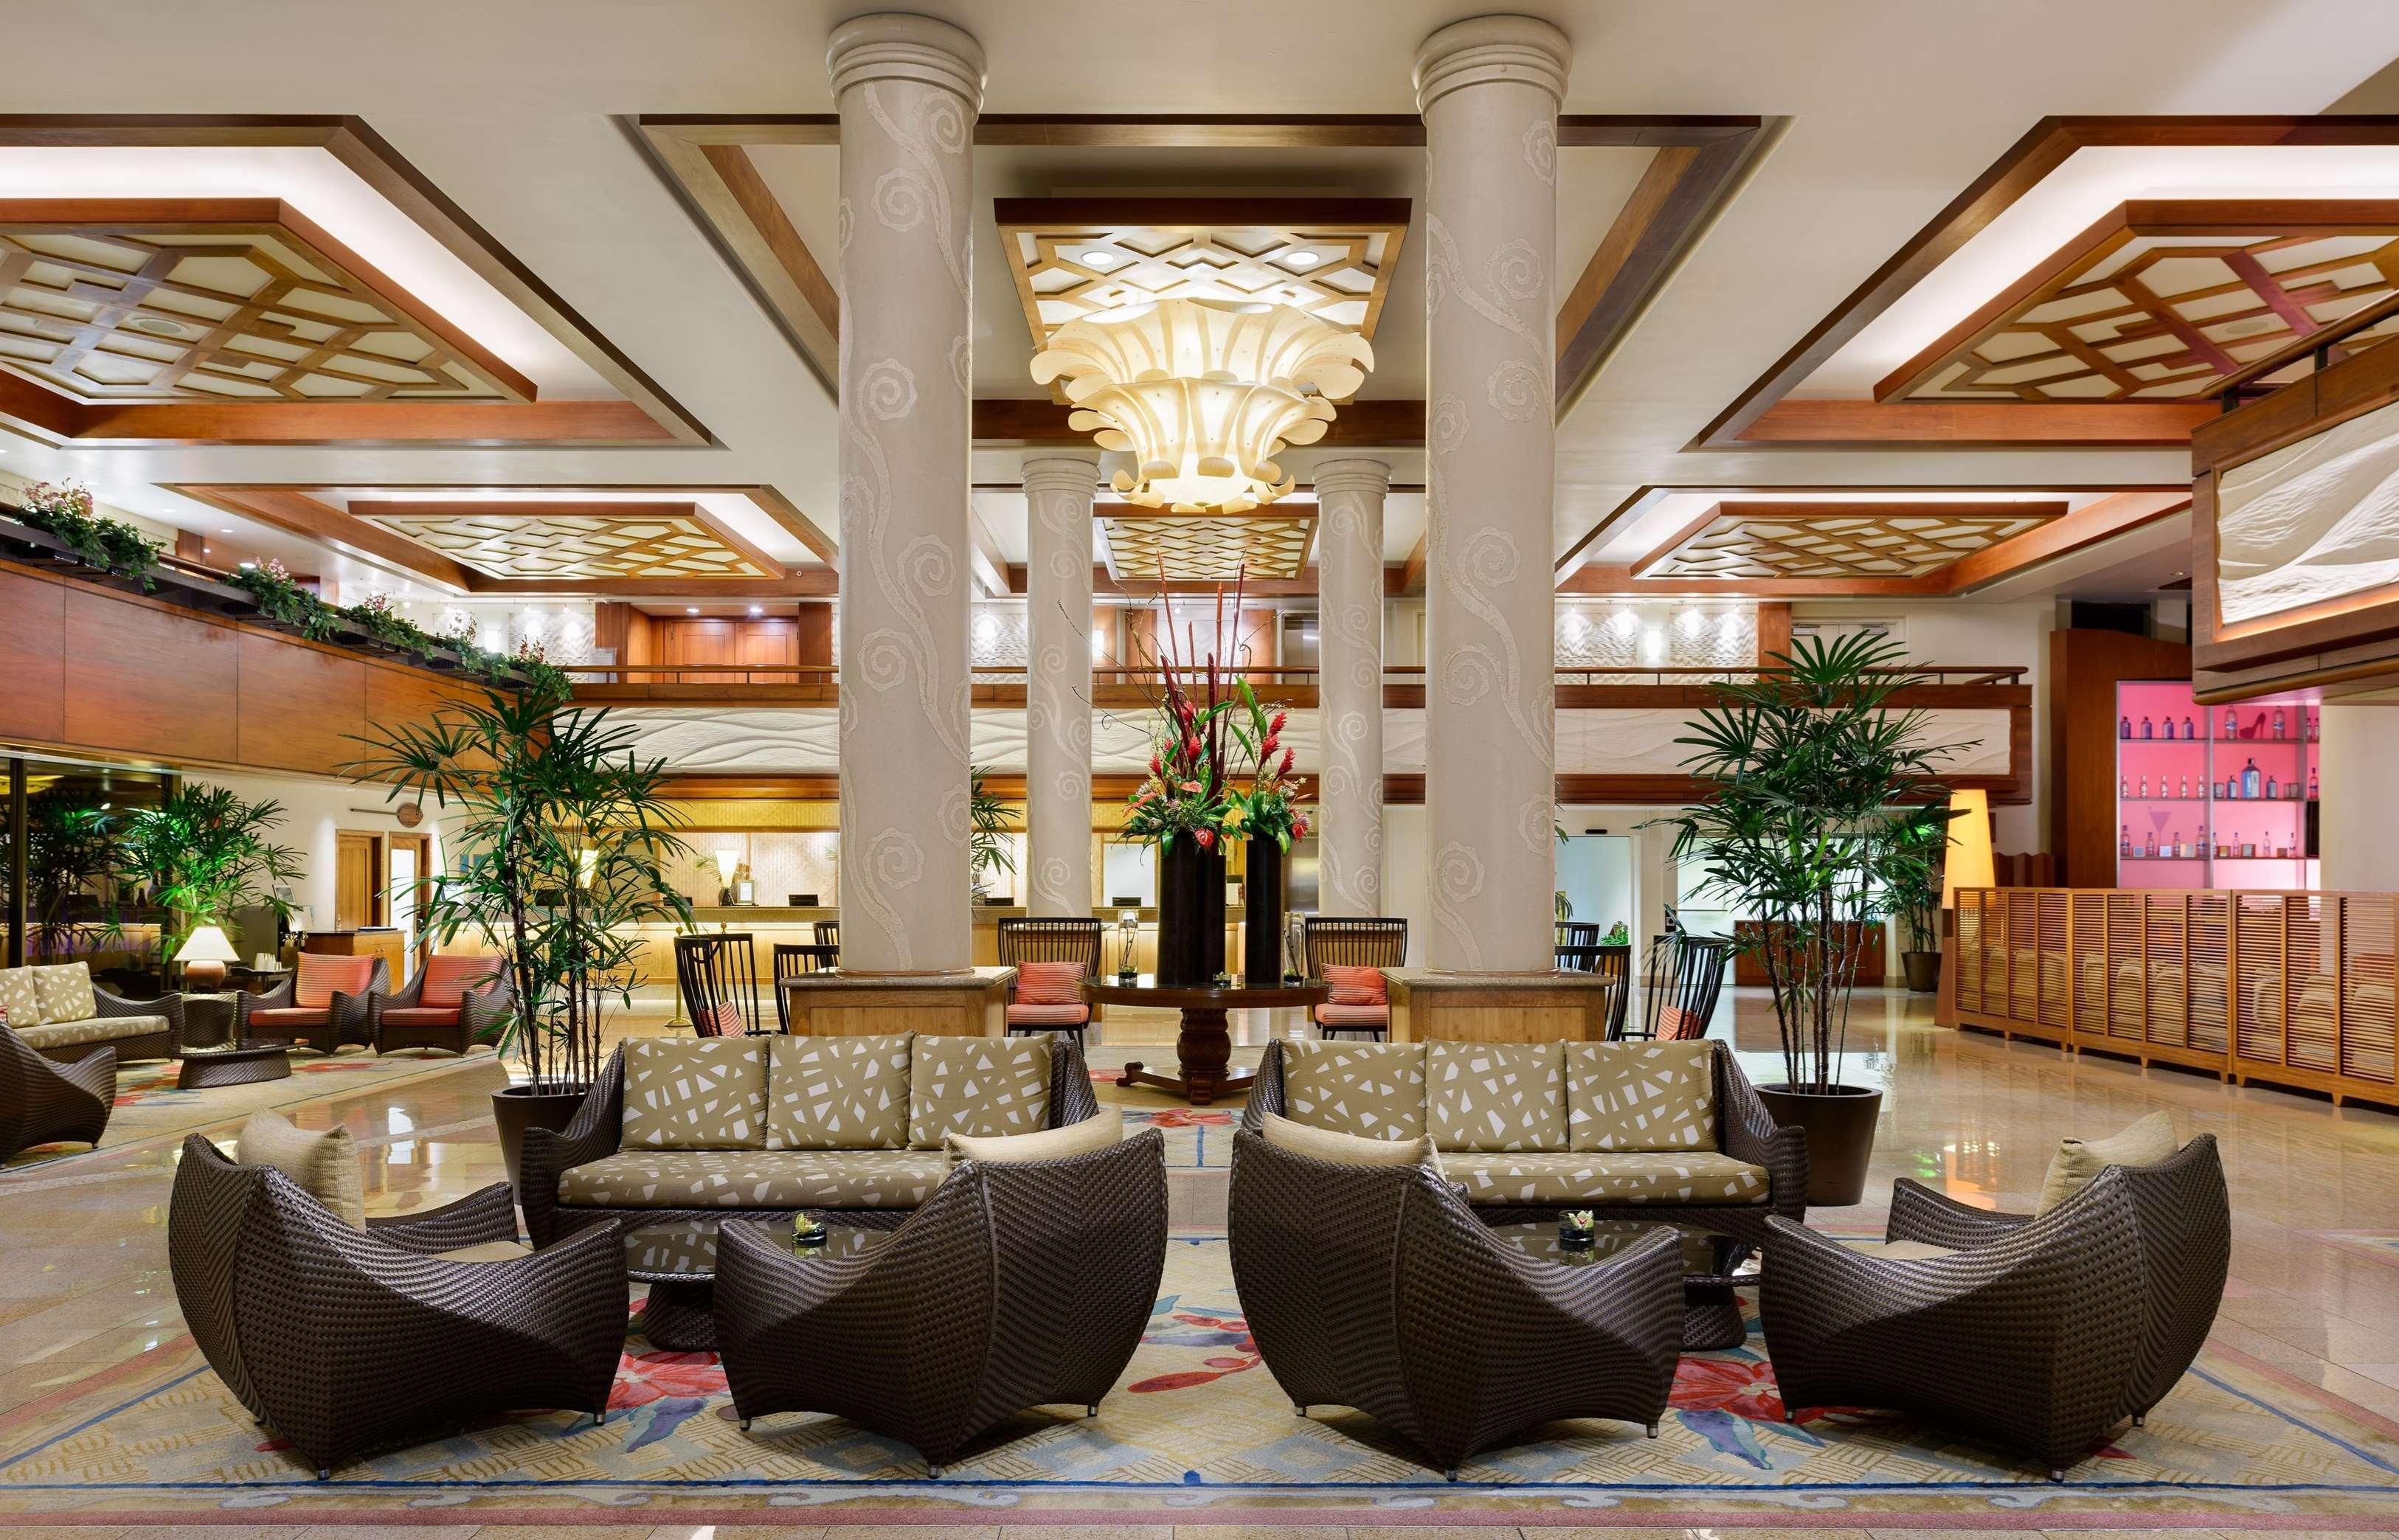 Hilton Waikiki Beach image 15